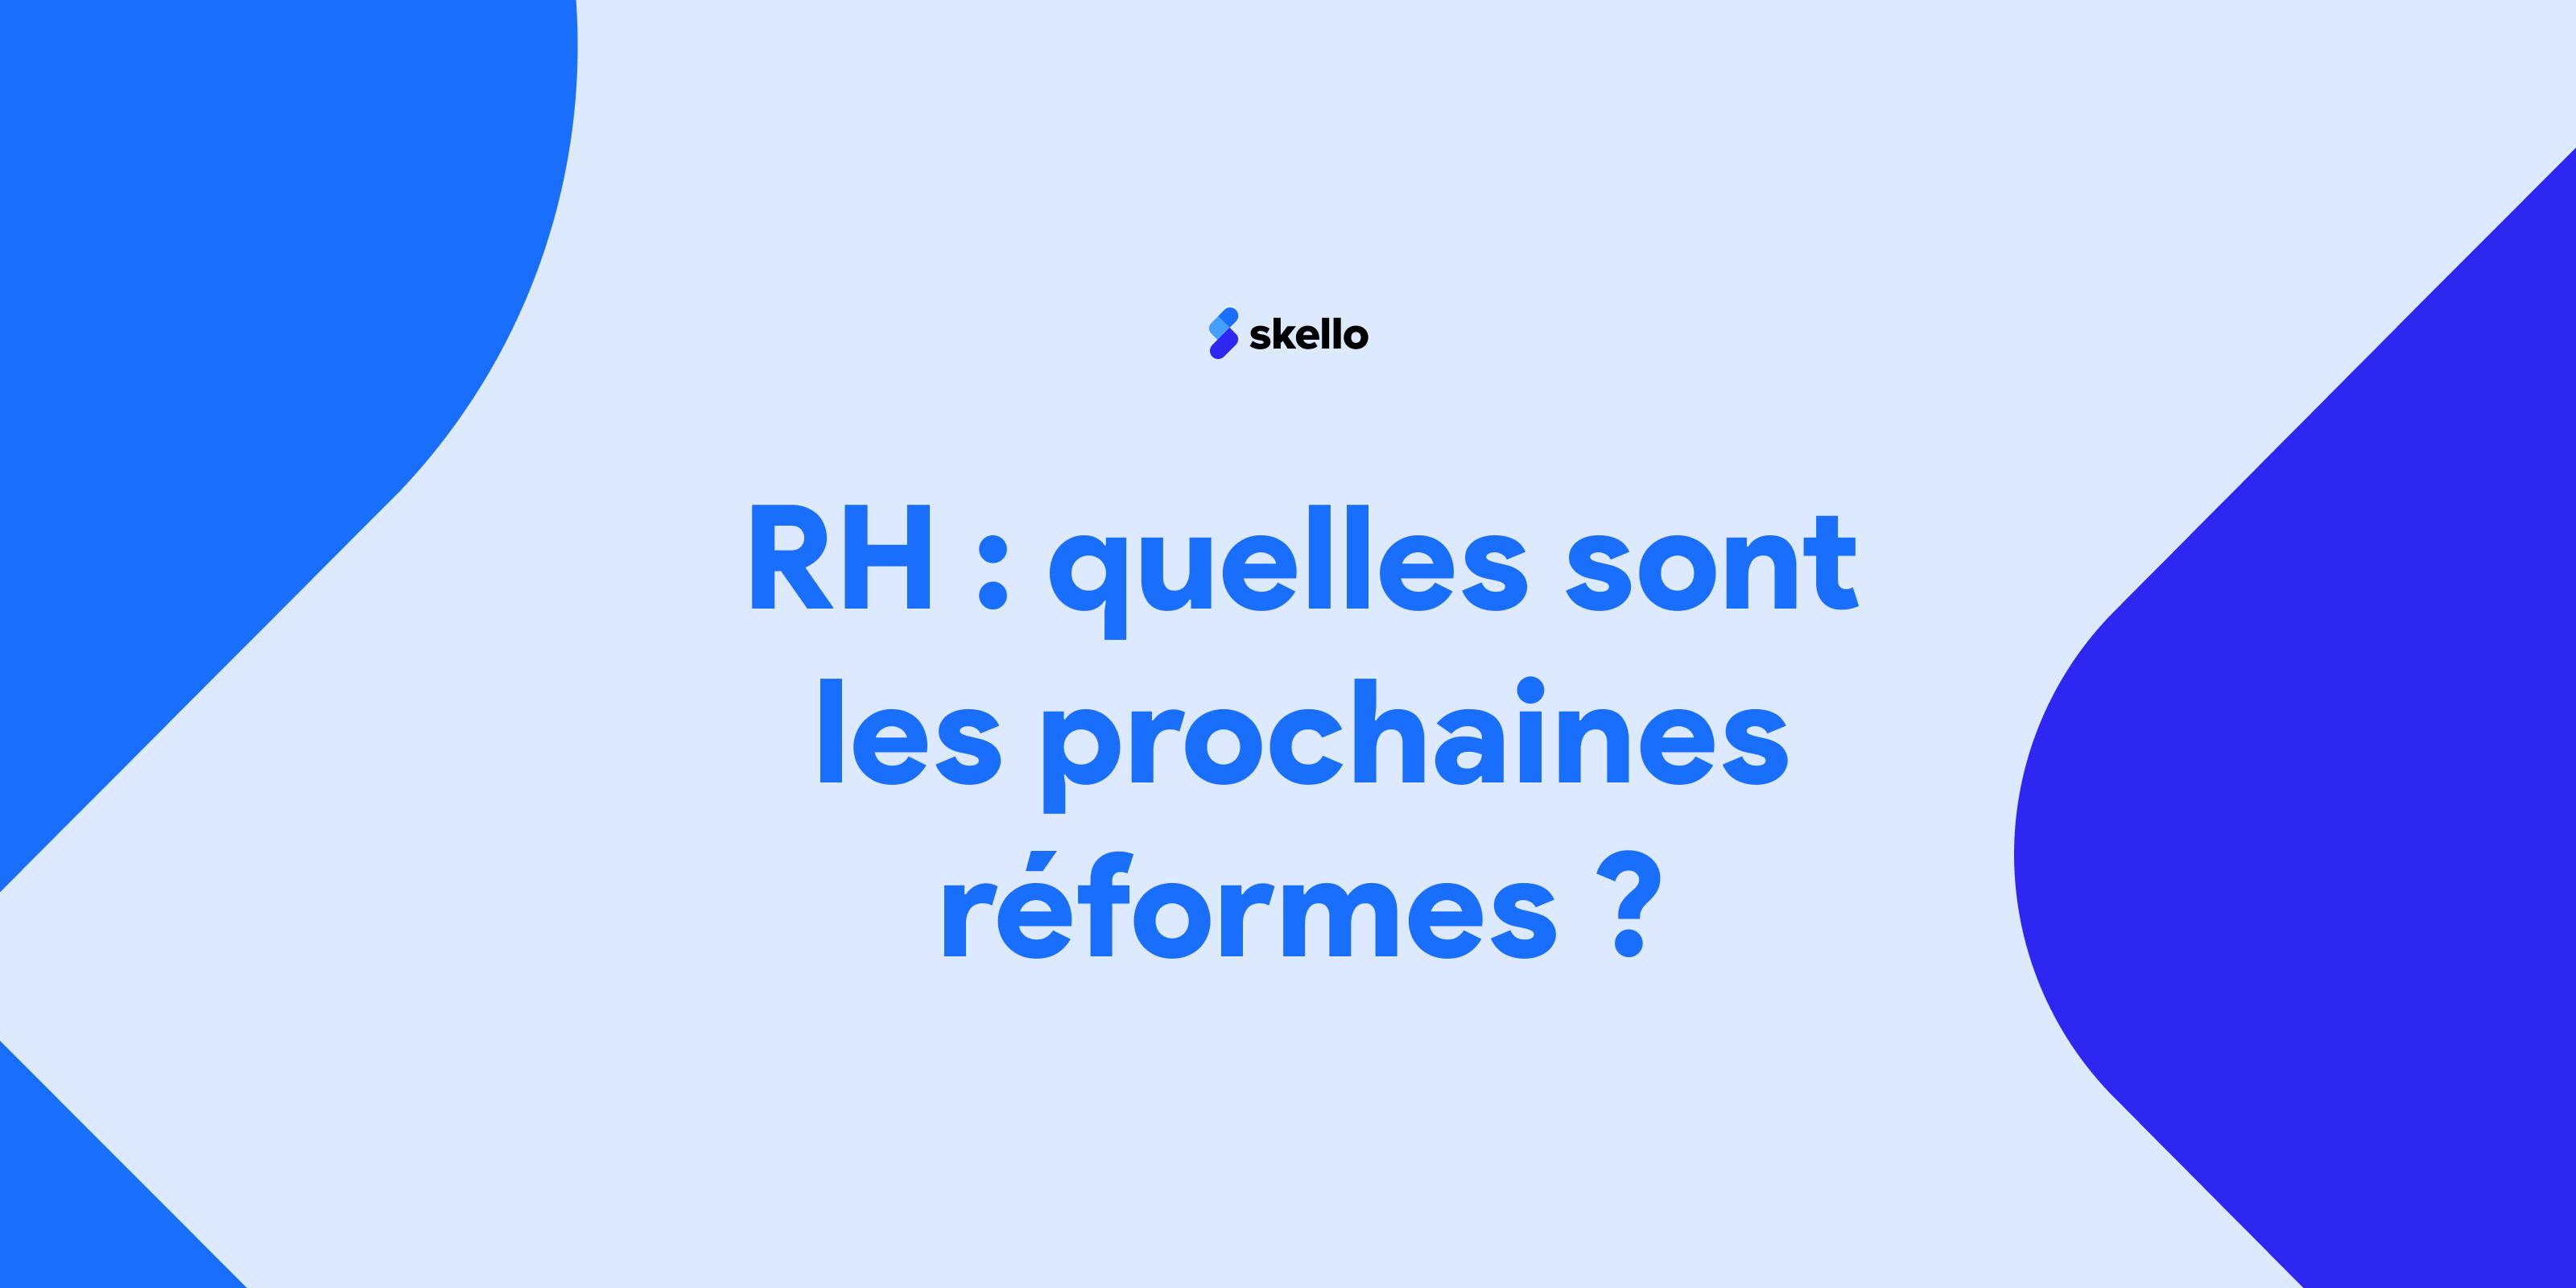 RH: quelles sont les prochaines réformes?